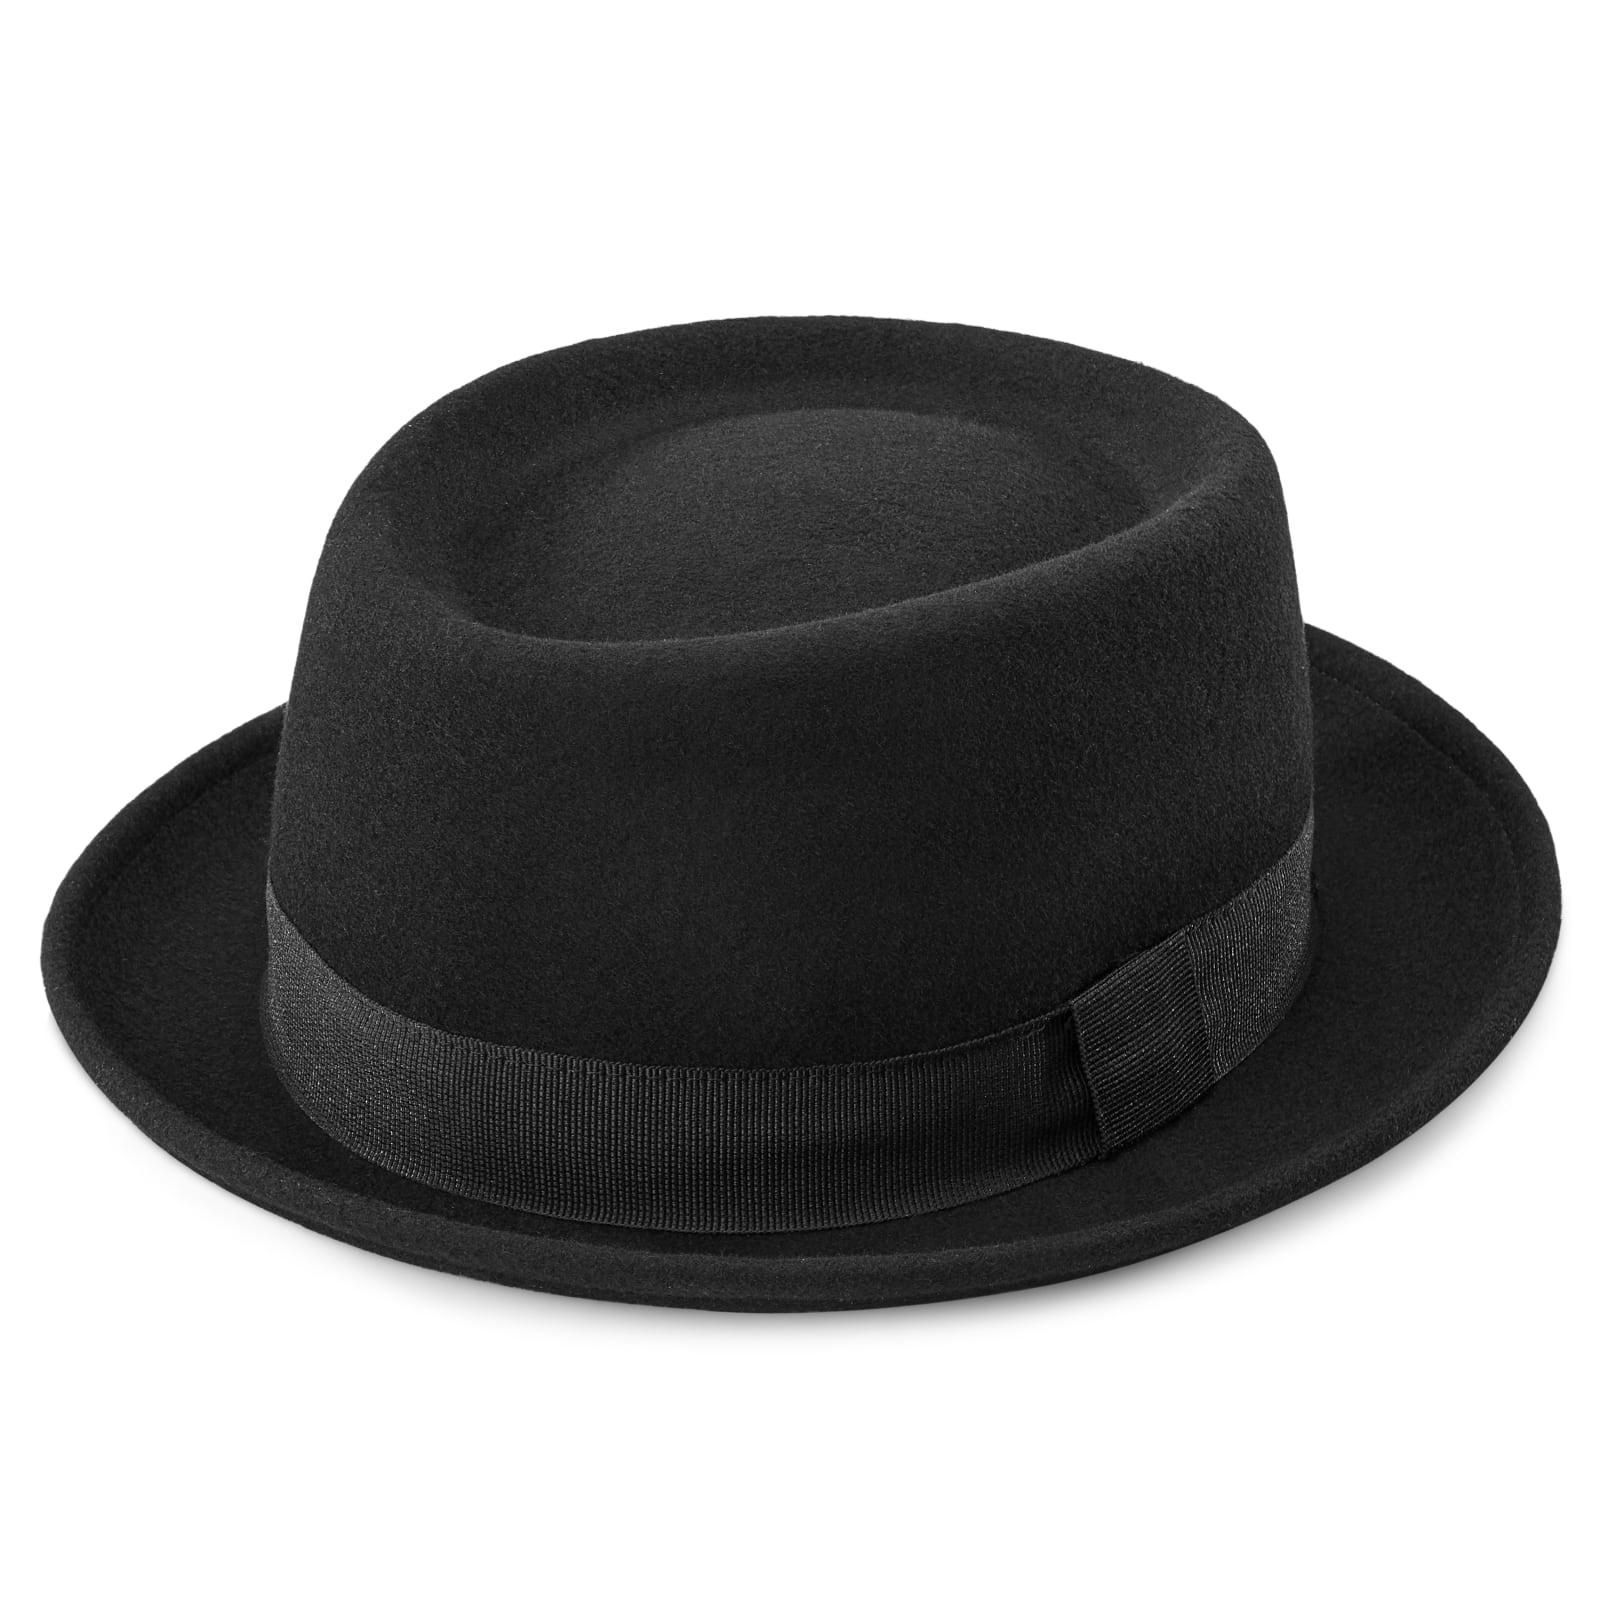 148b53051 Čierny vlnený klobúk Heisenberg Fido   Doručenie zdarma   Fawler